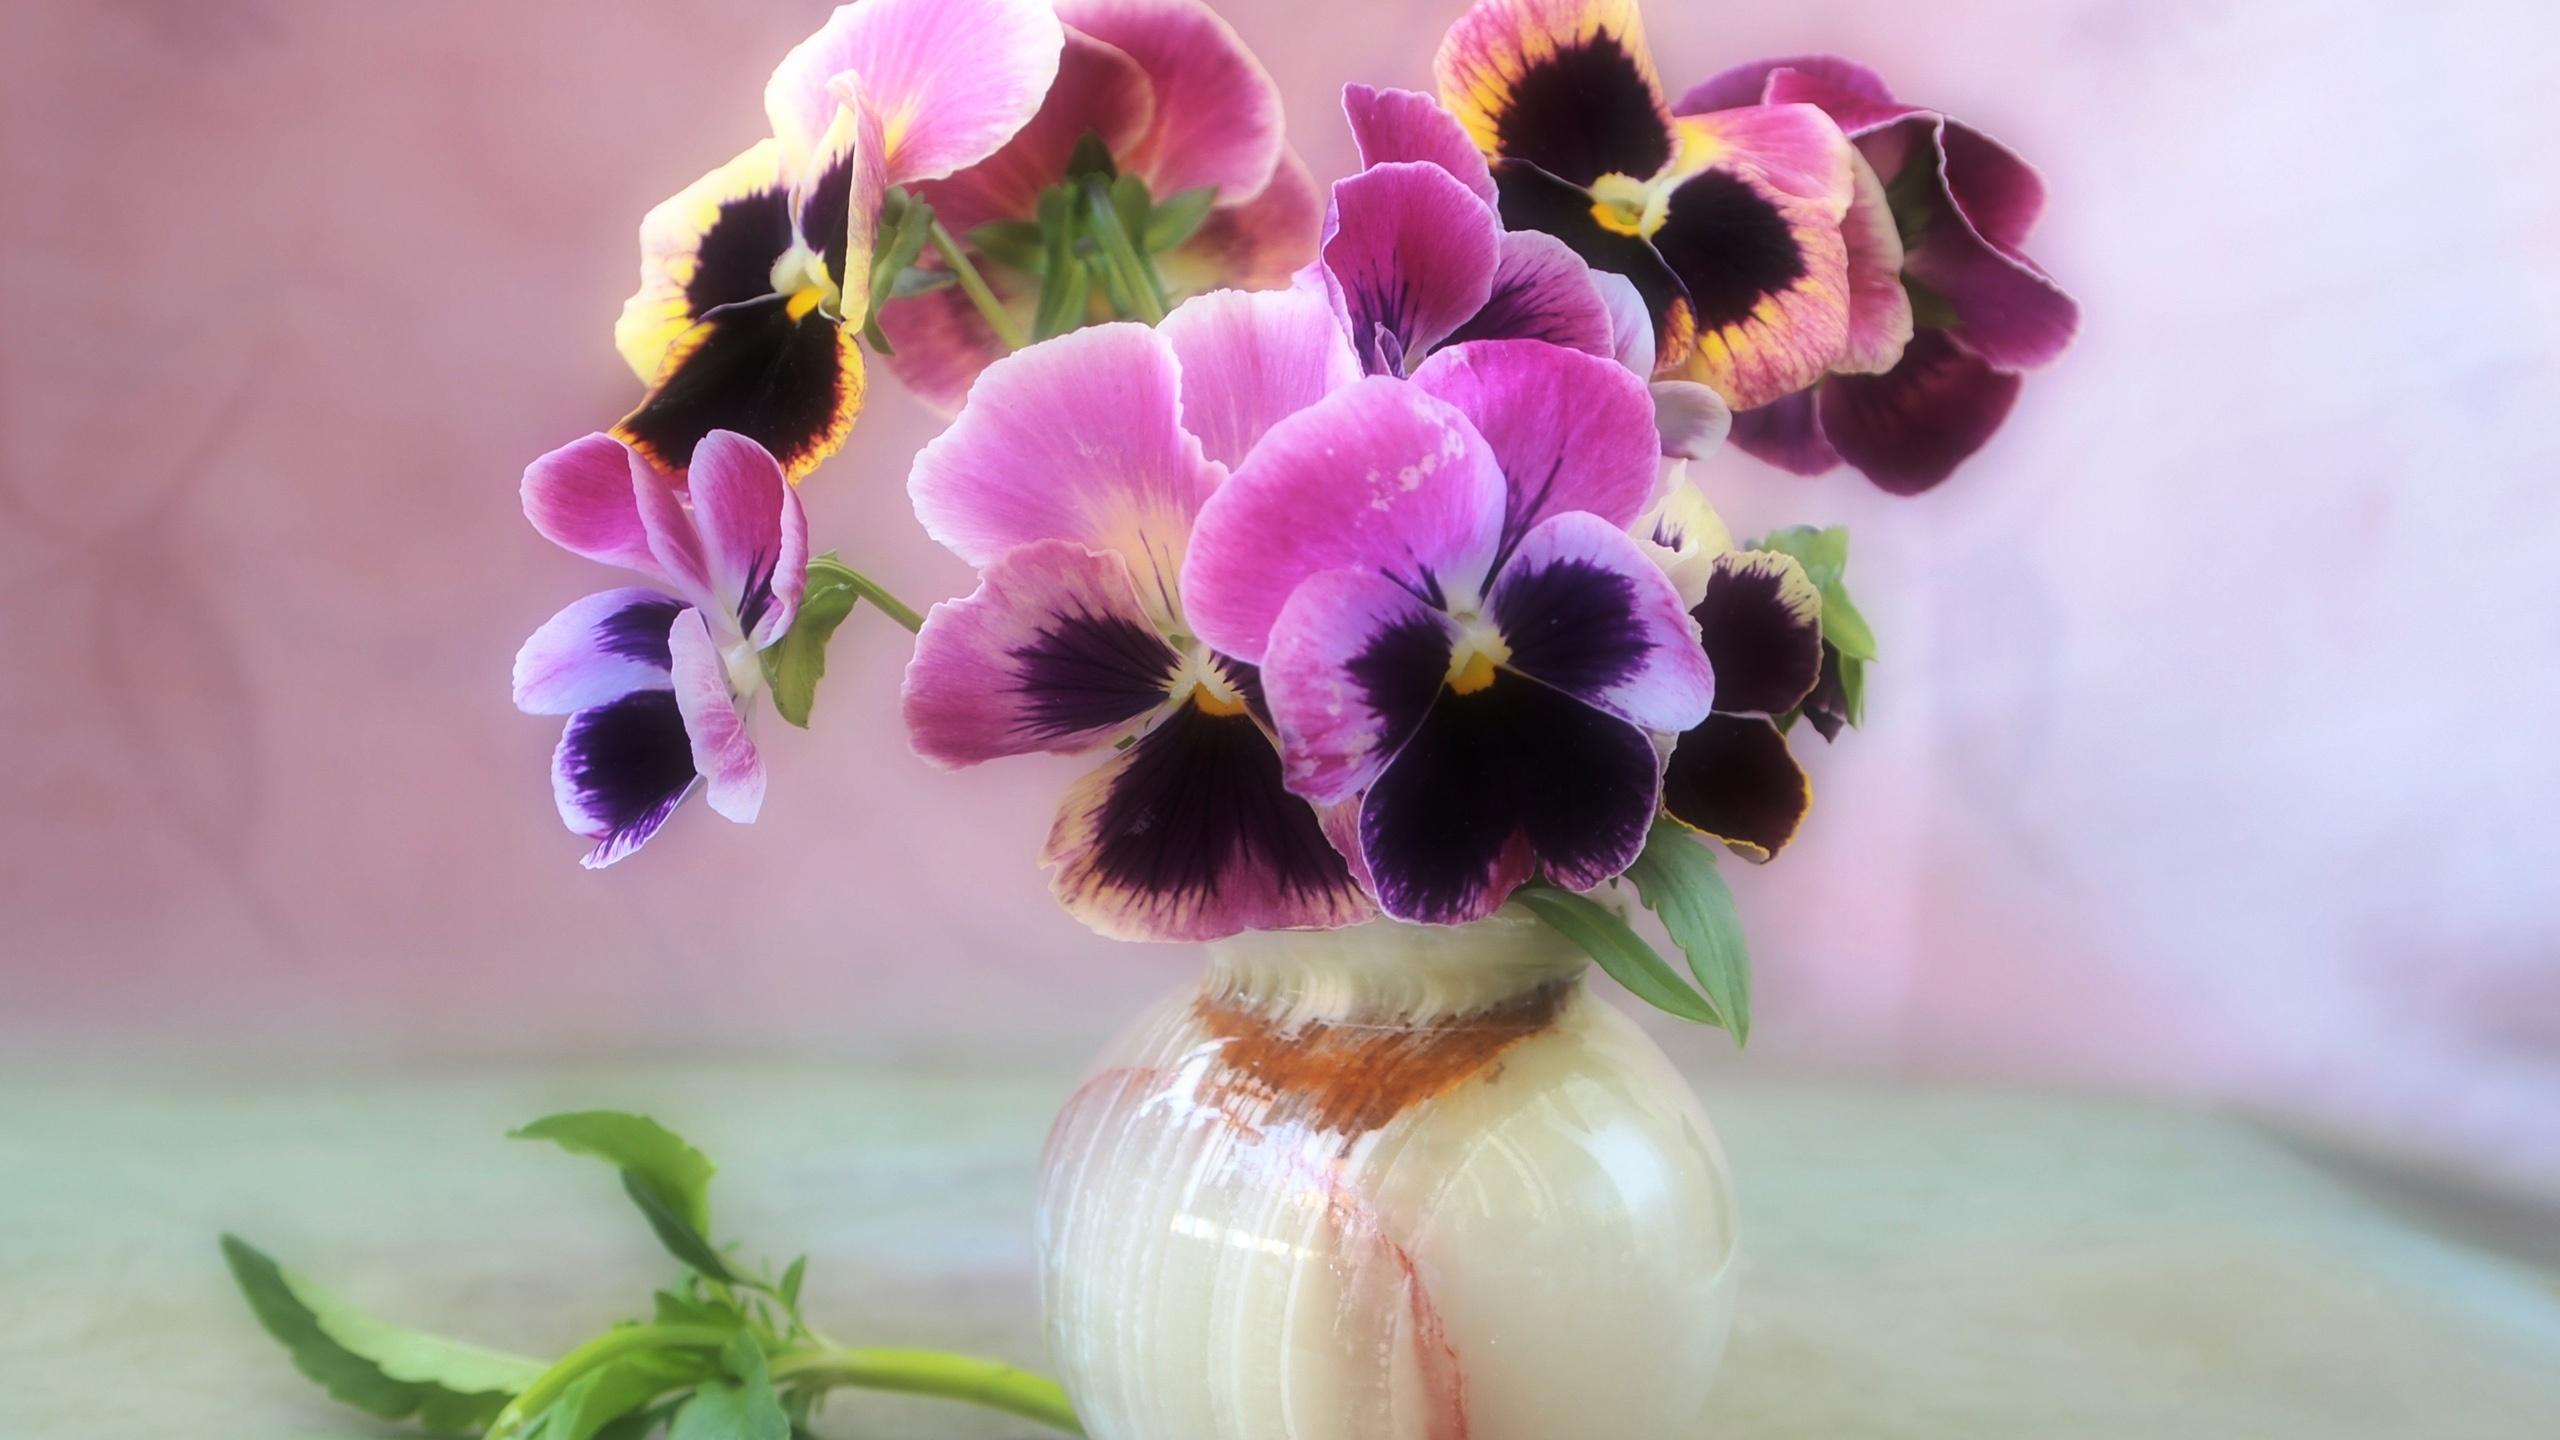 Цветы фиалки красивые